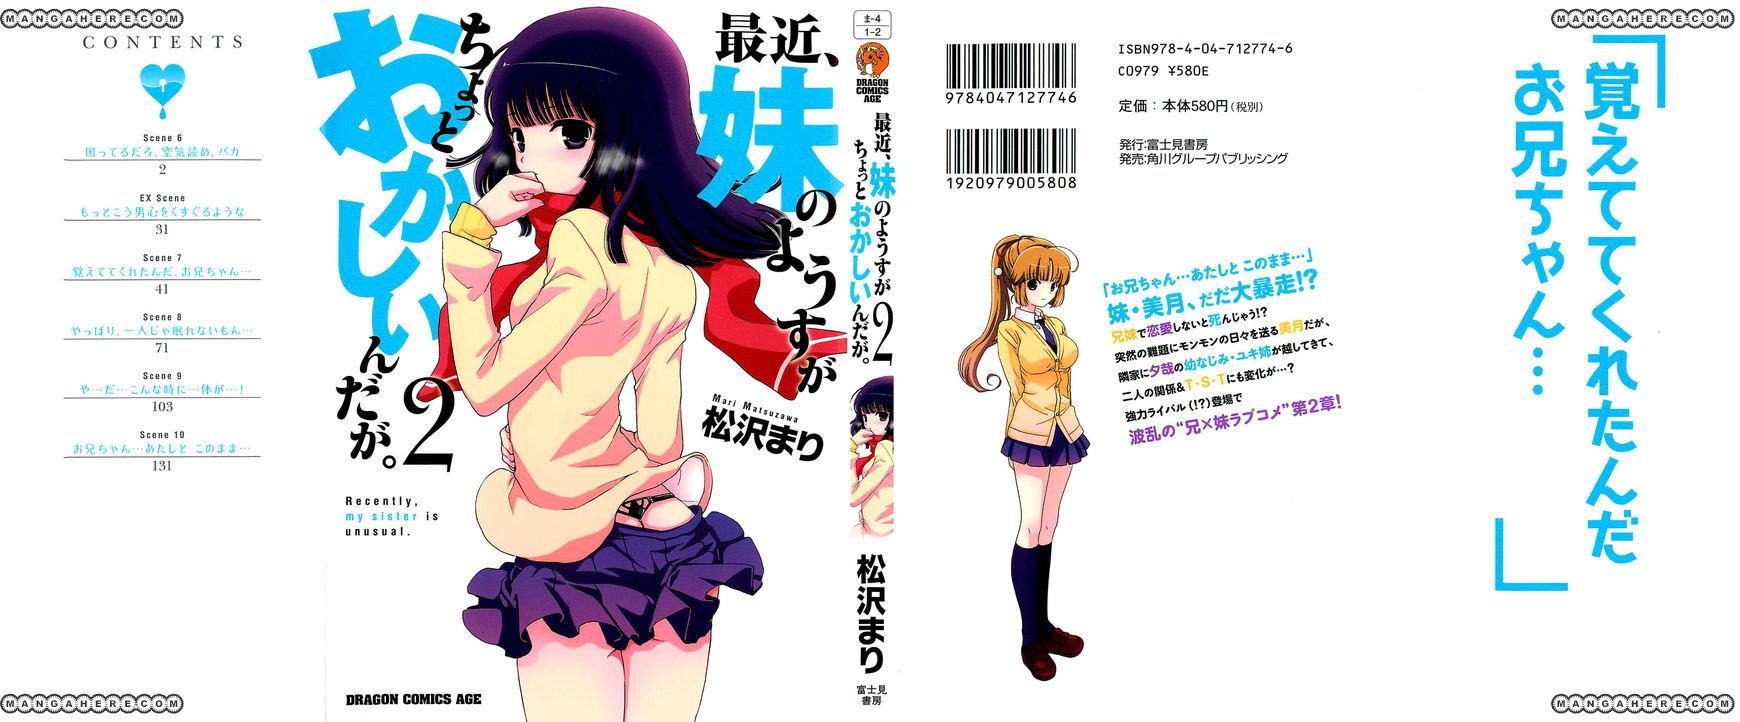 Saikin, Imouto No Yousuga Chotto Okashii N Da Ga 6 Page 1